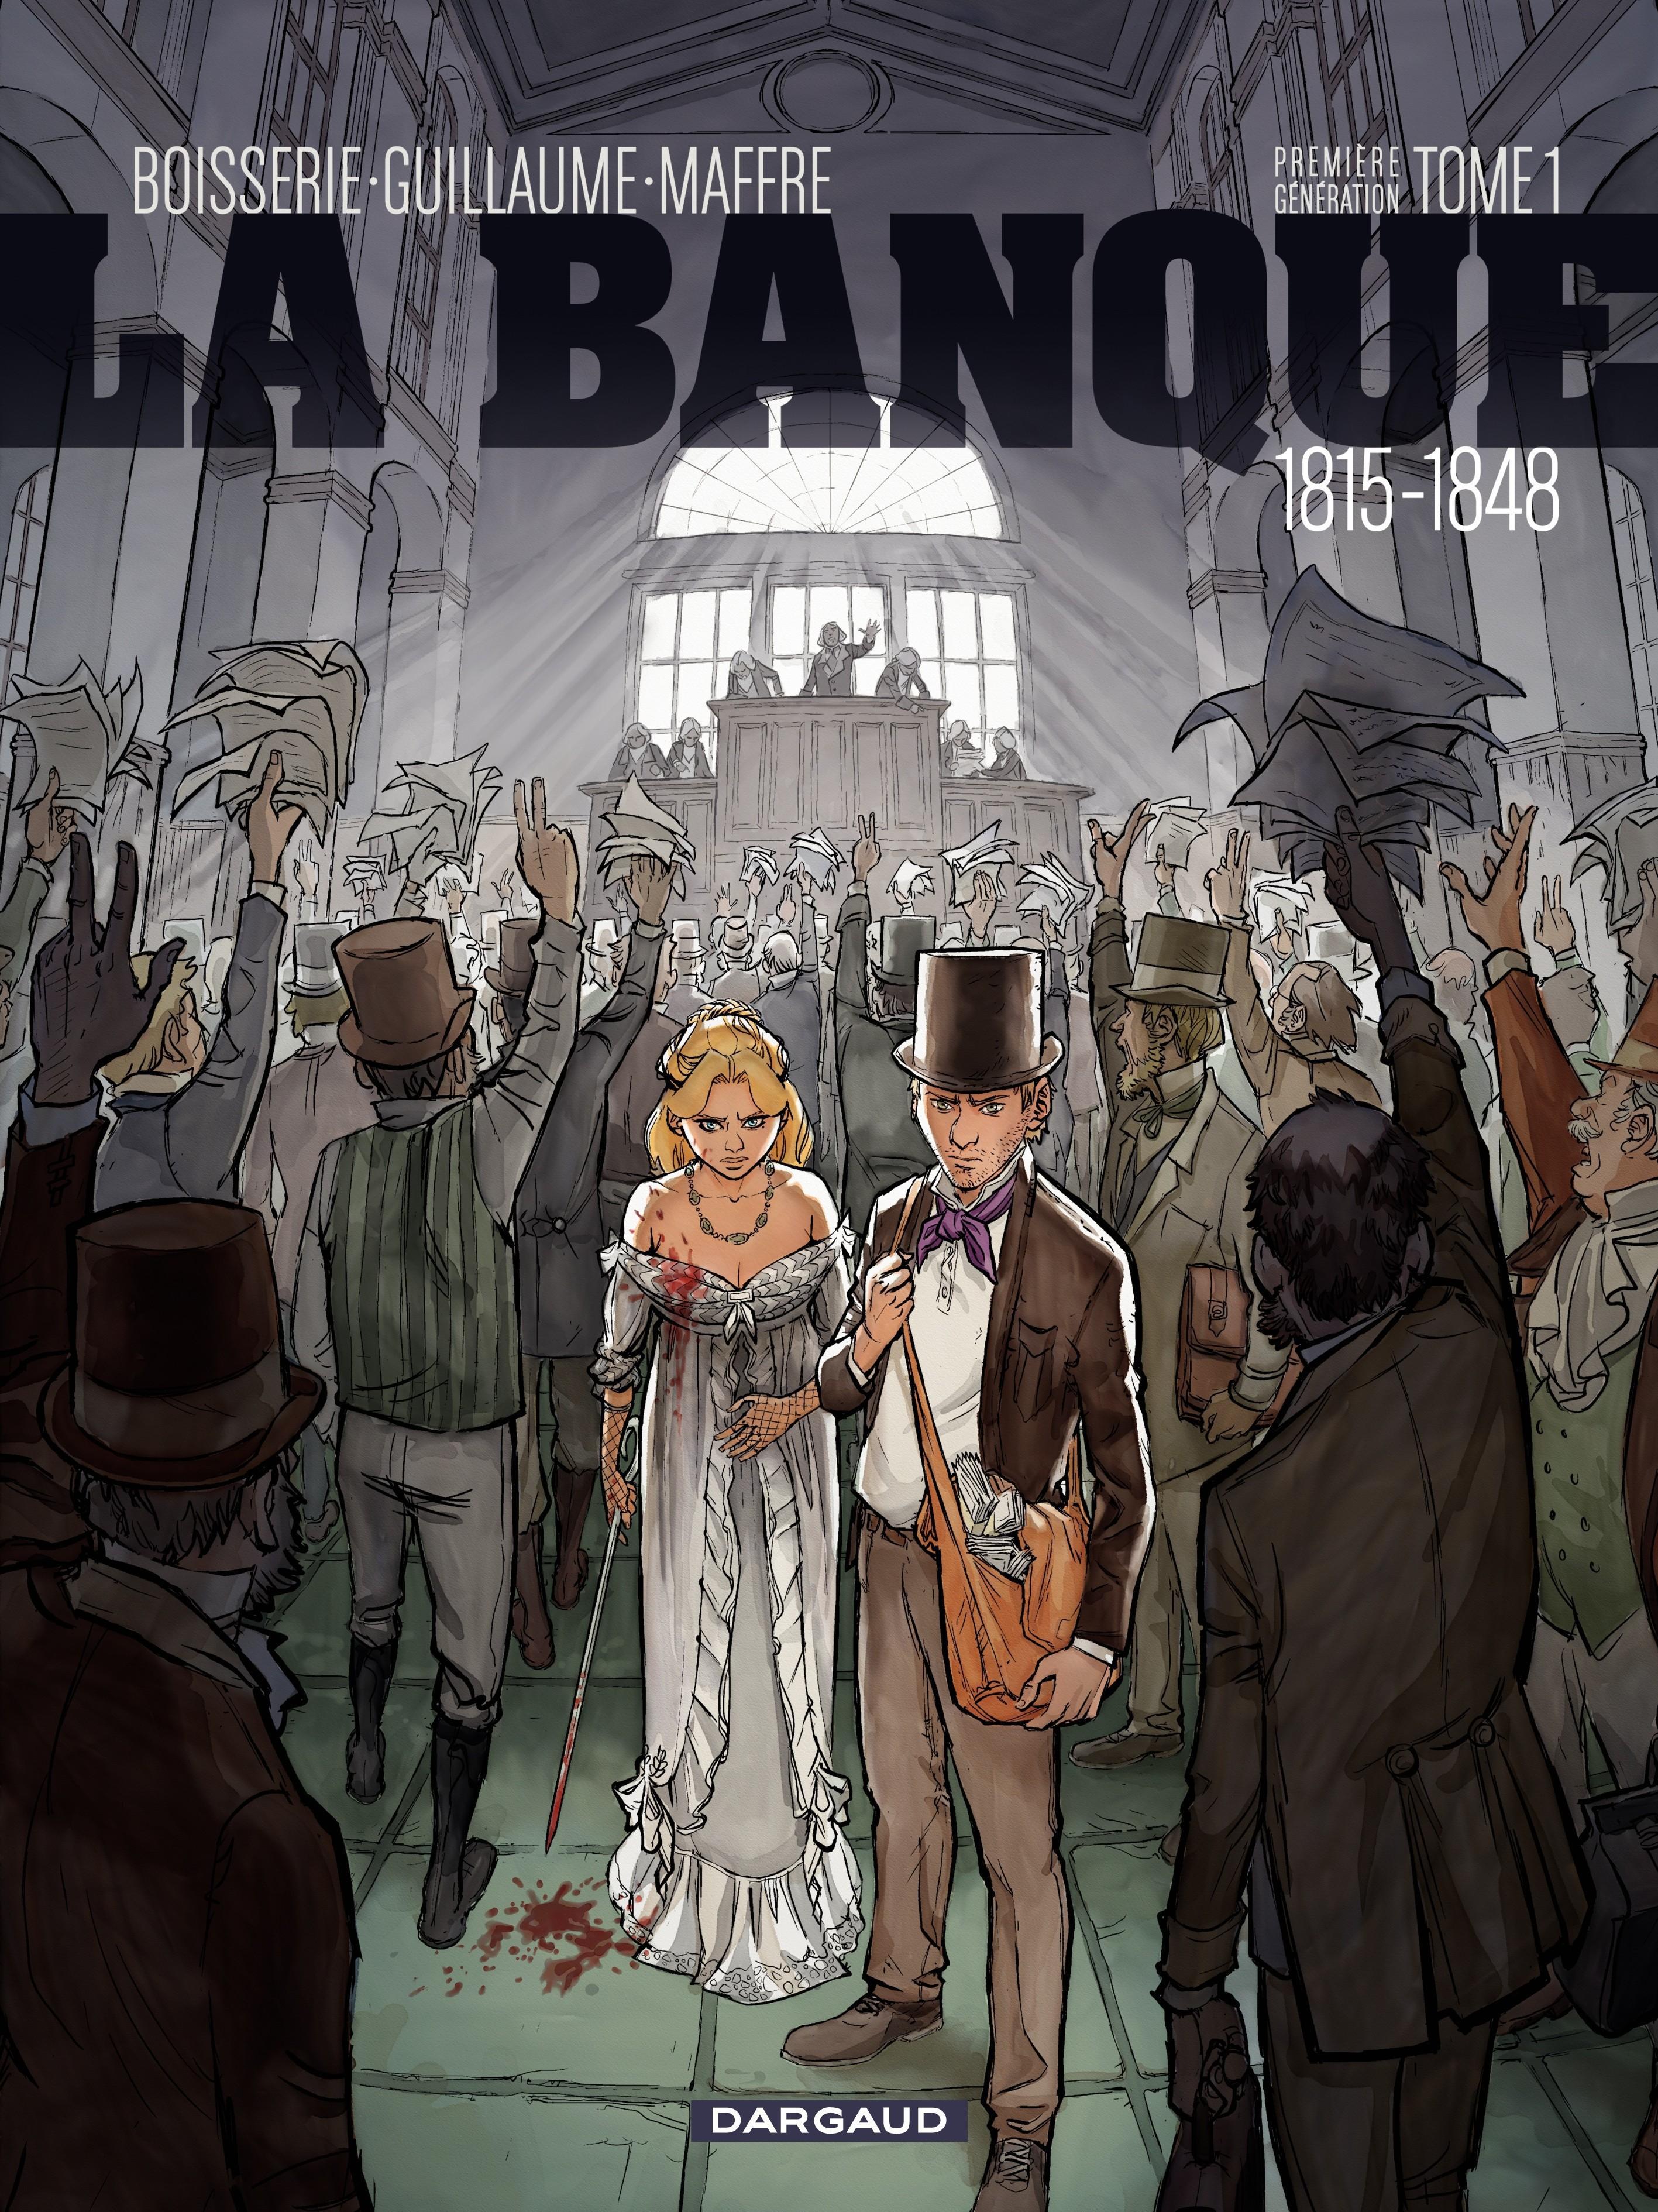 La Banque - Tome 1 - 1815-1848 - 1ère génération